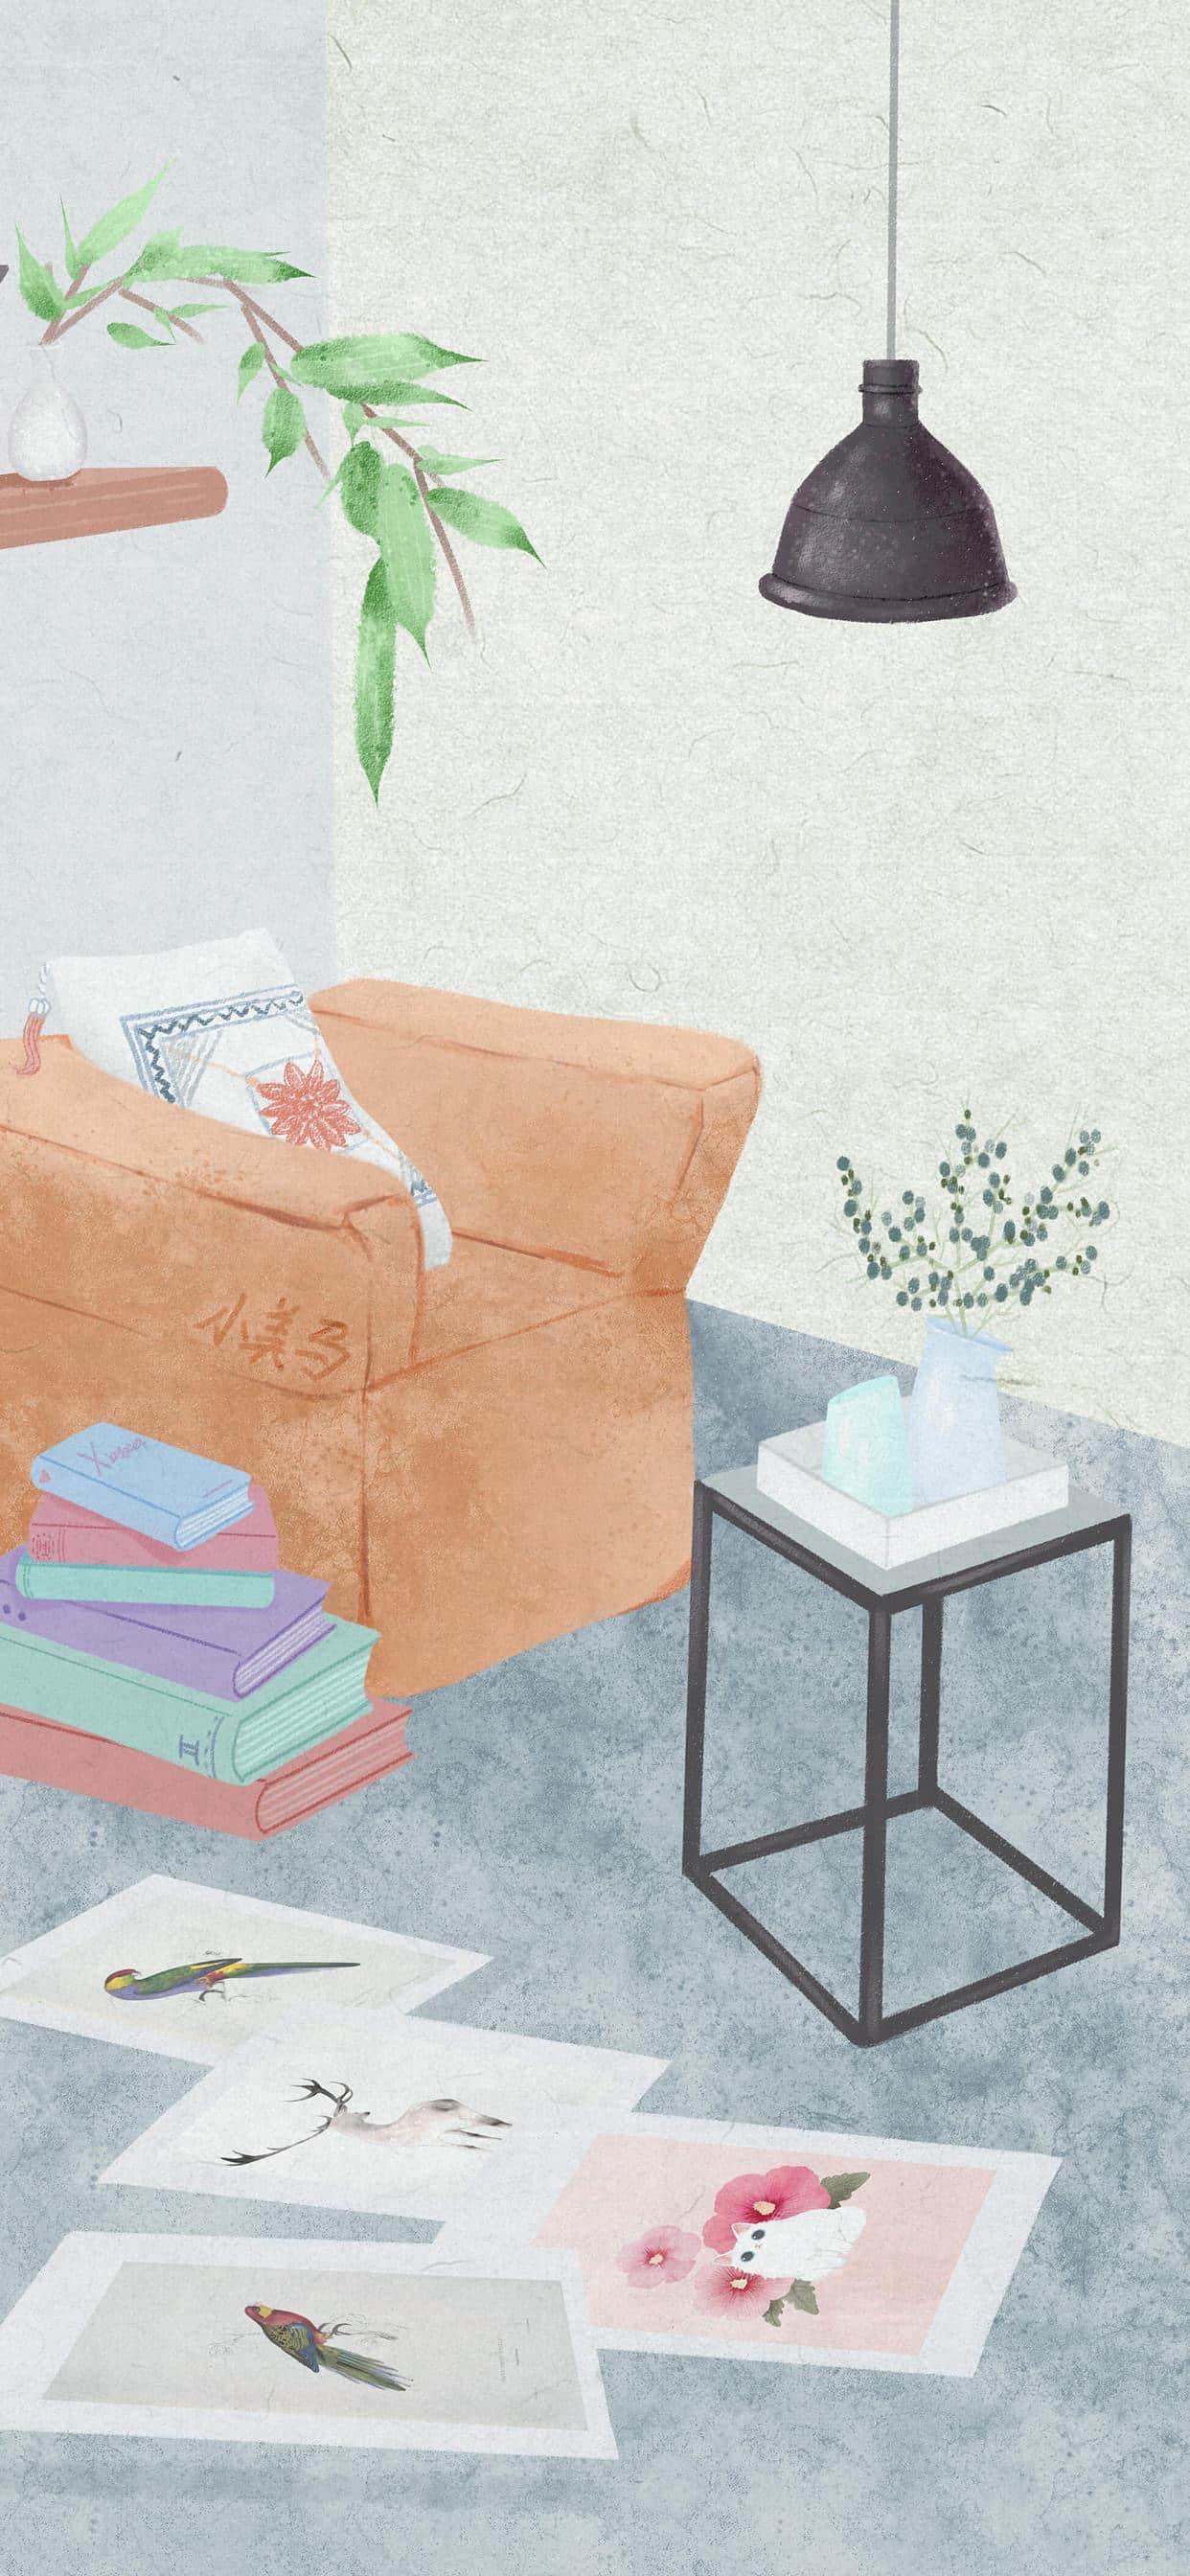 手绘家居风景高清壁纸